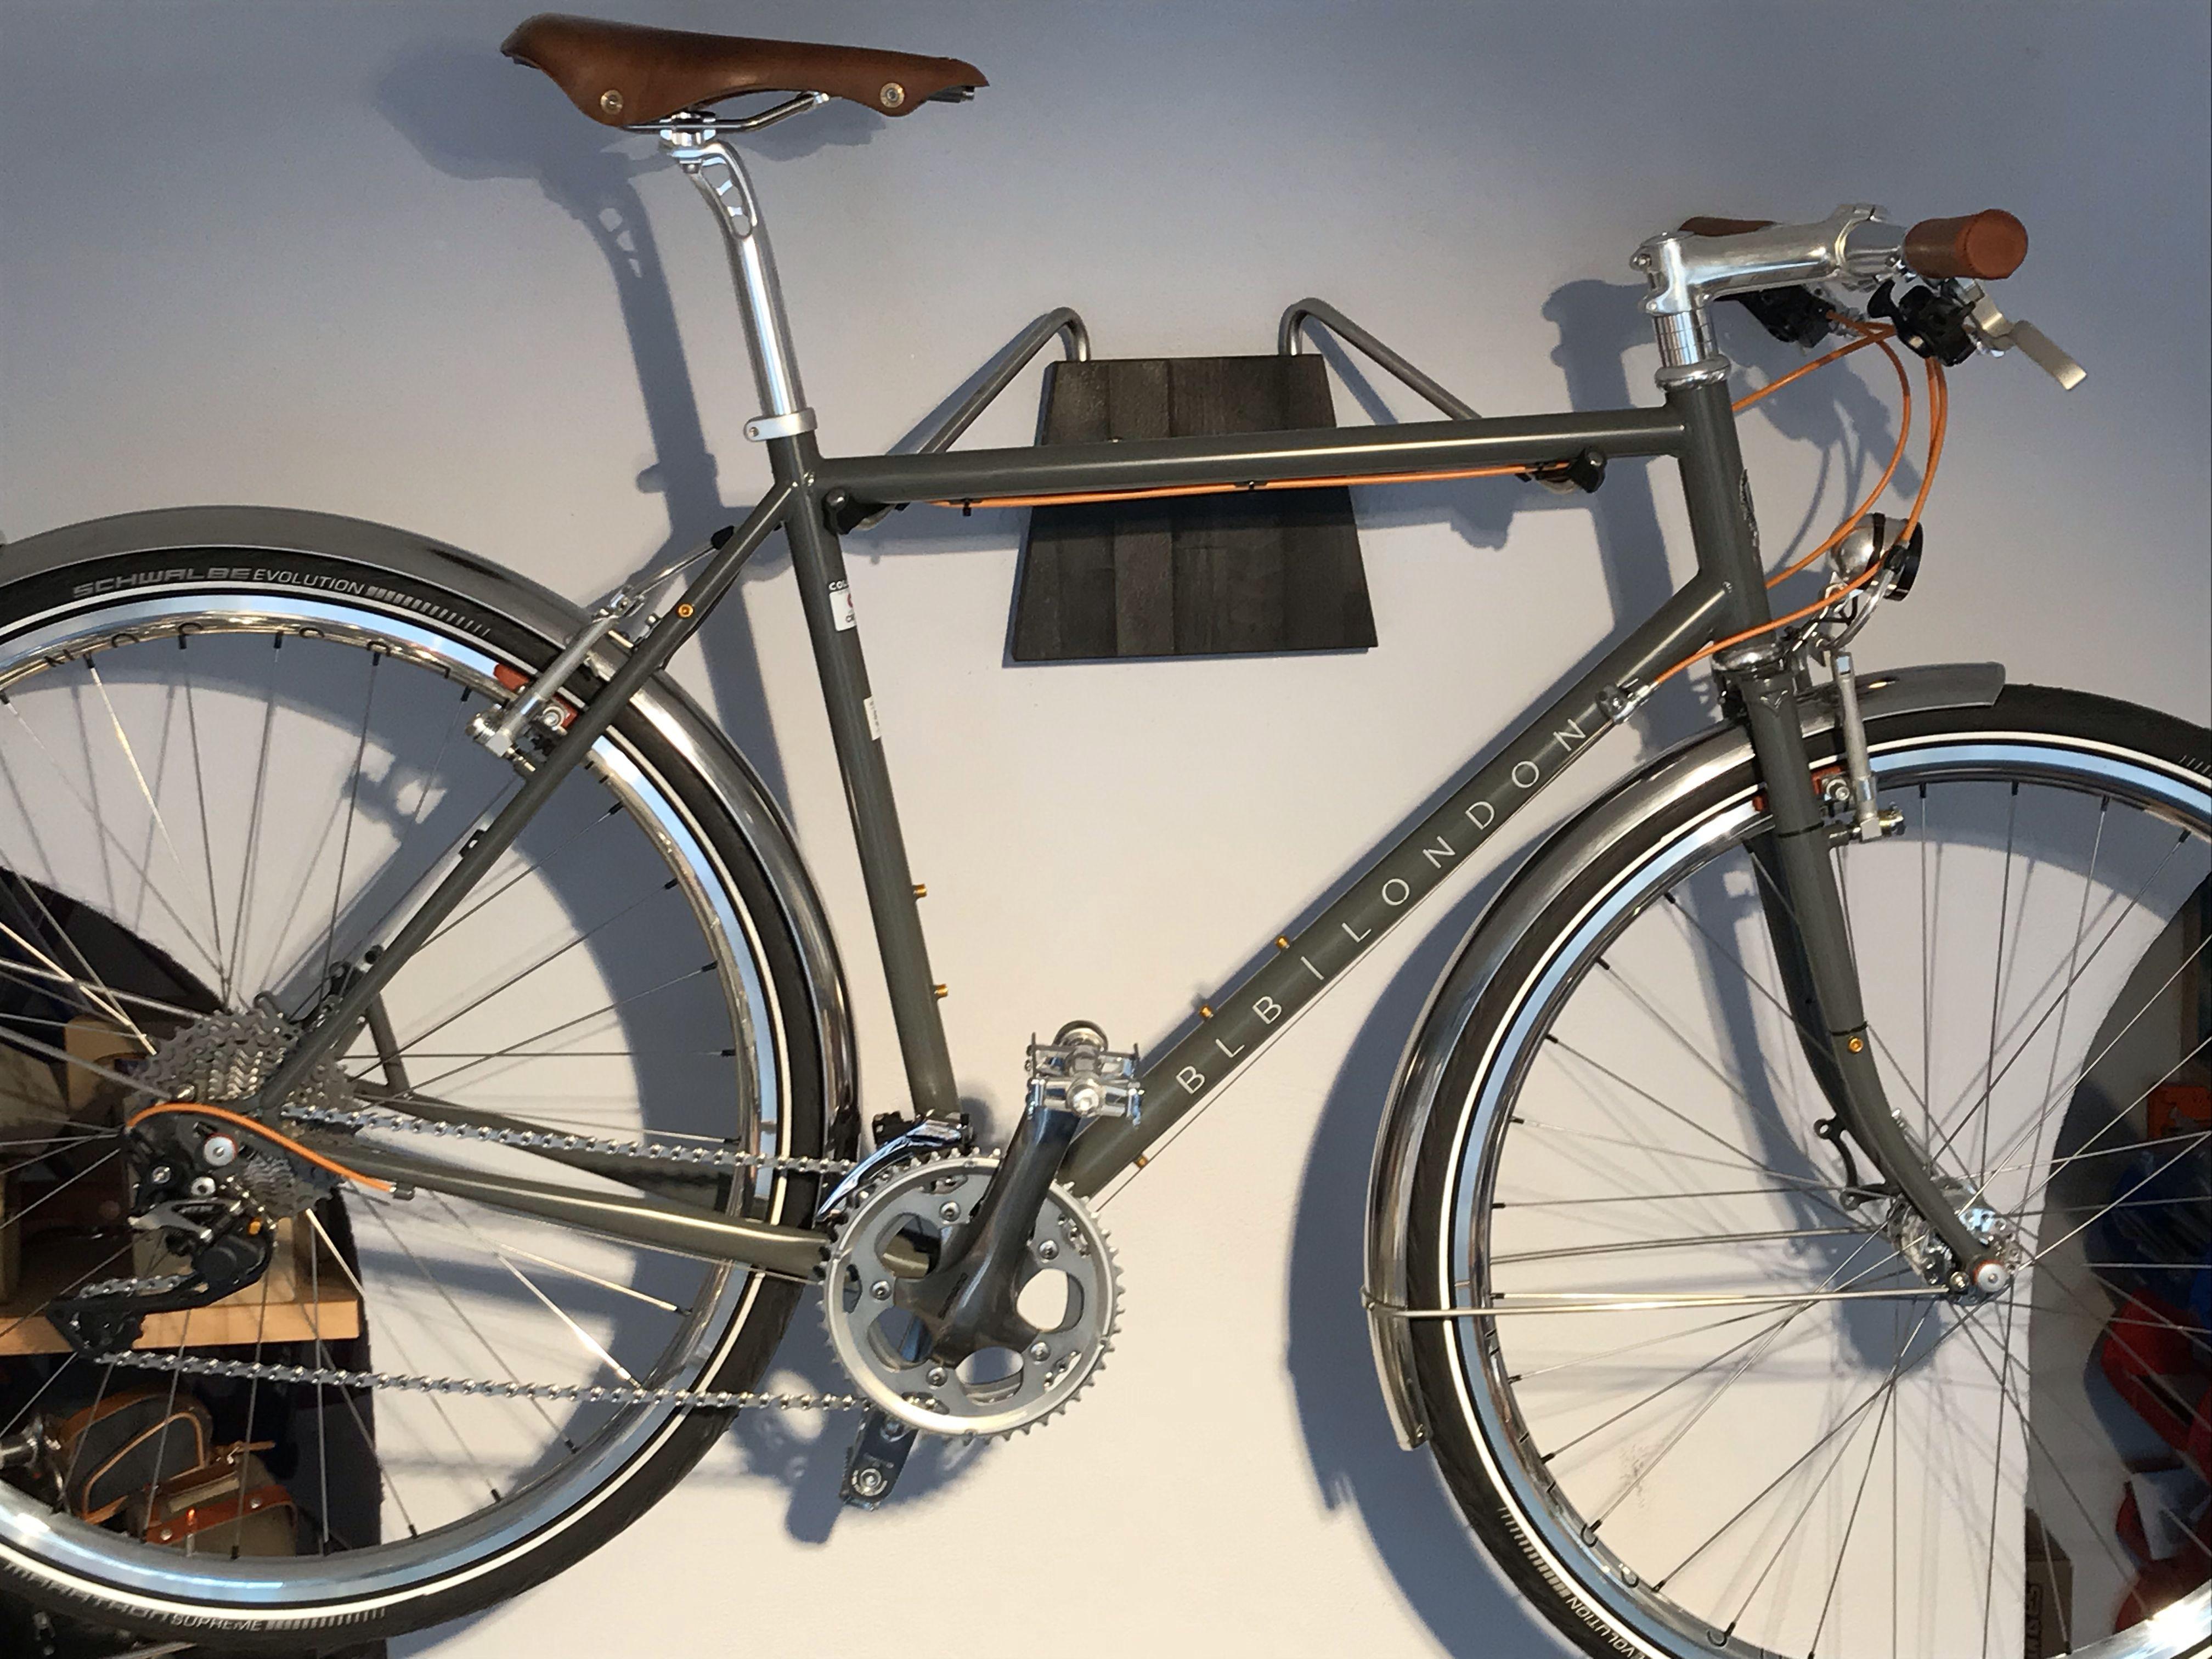 Blb Rader Rad Singelspeed Lichtanlage